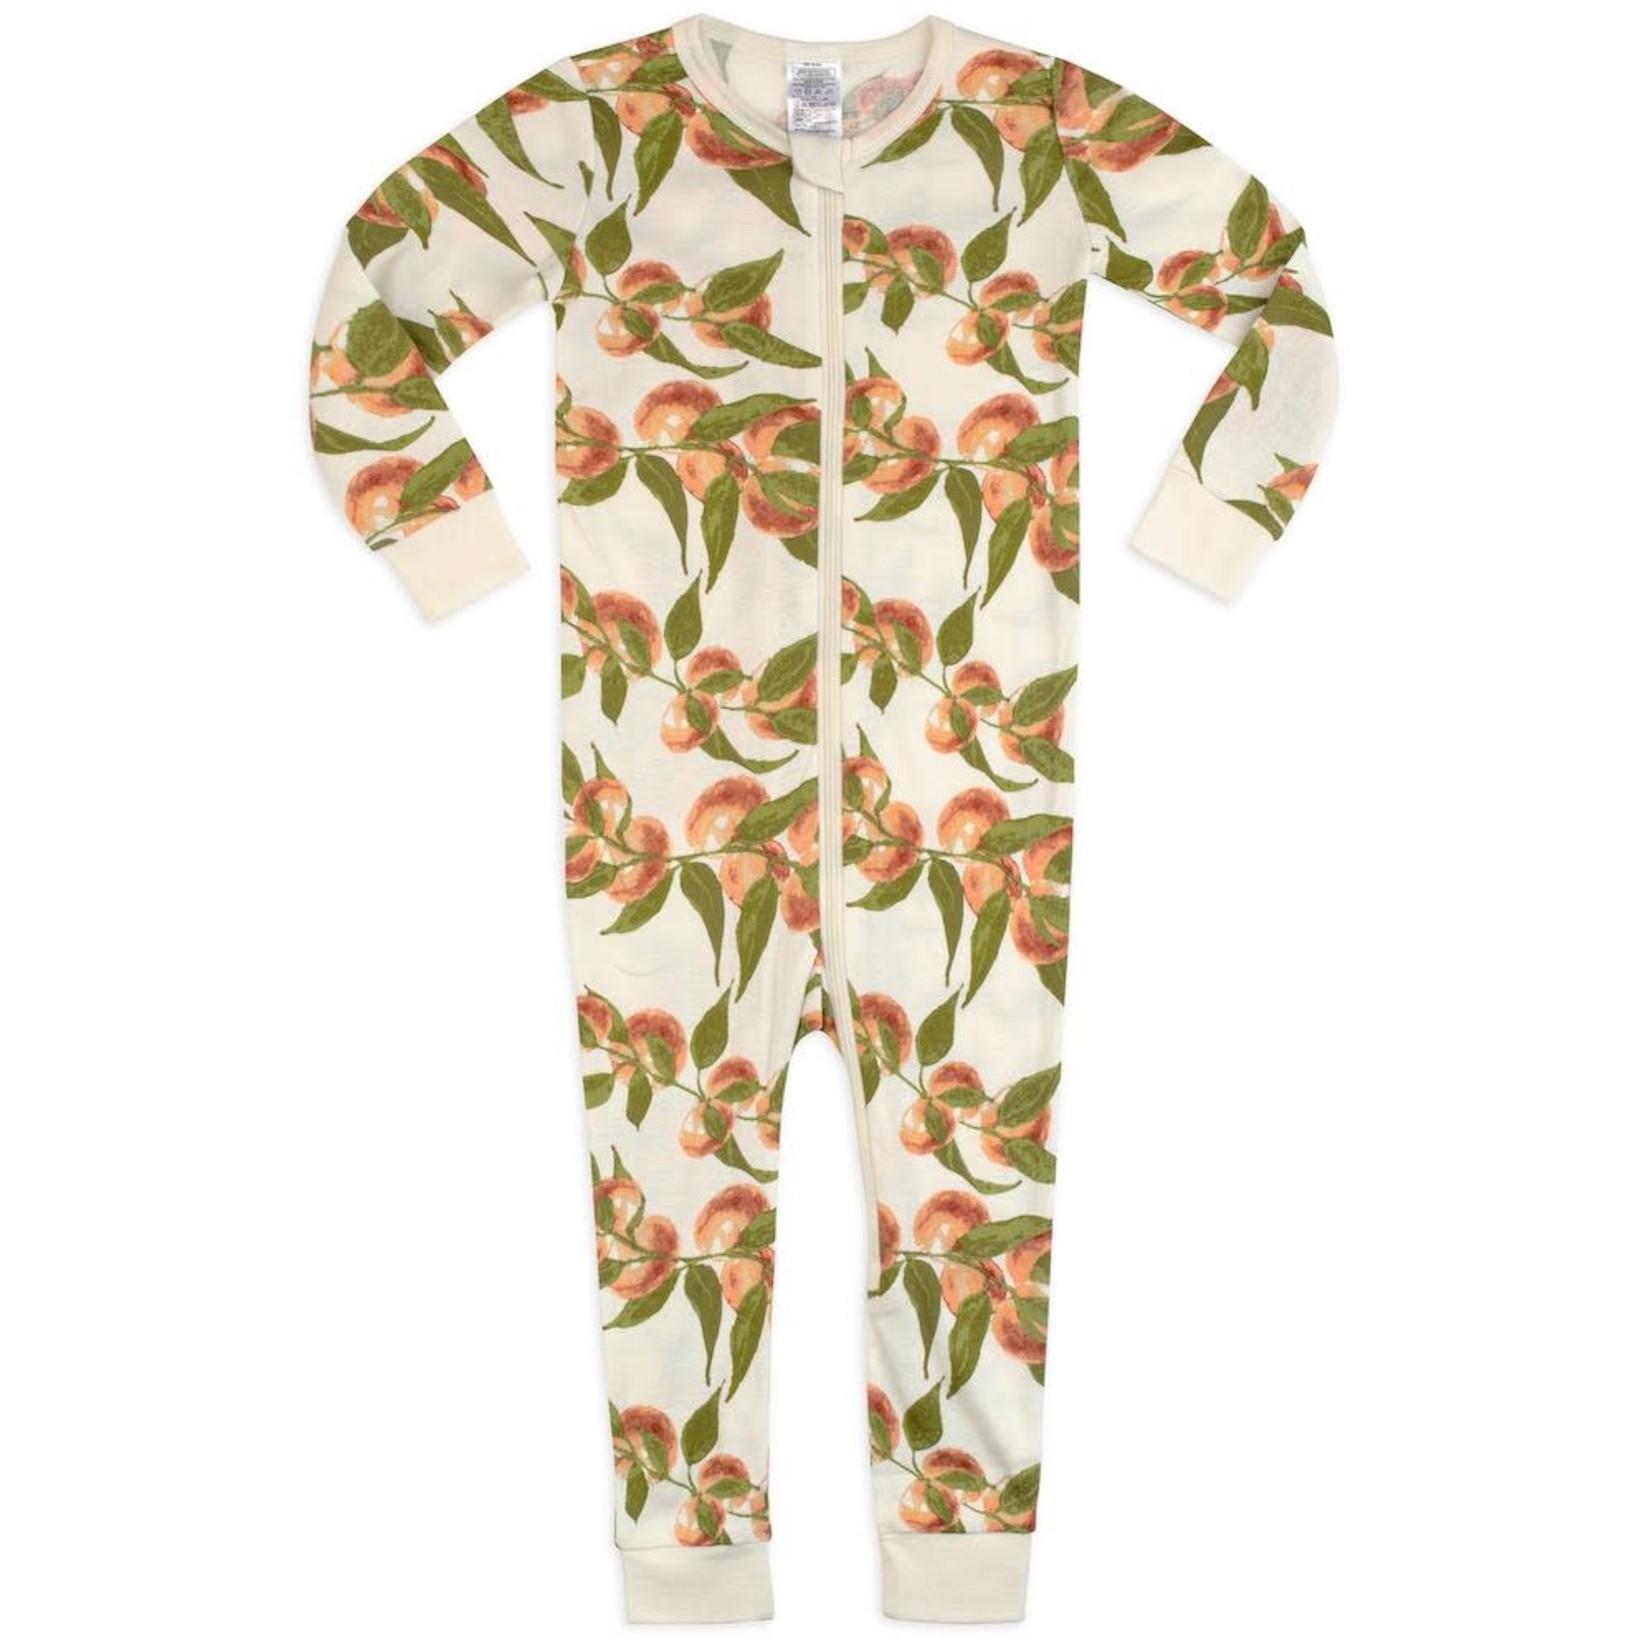 Milkbarn Milkbarn zipper PJ 's Peaches 3-6 months